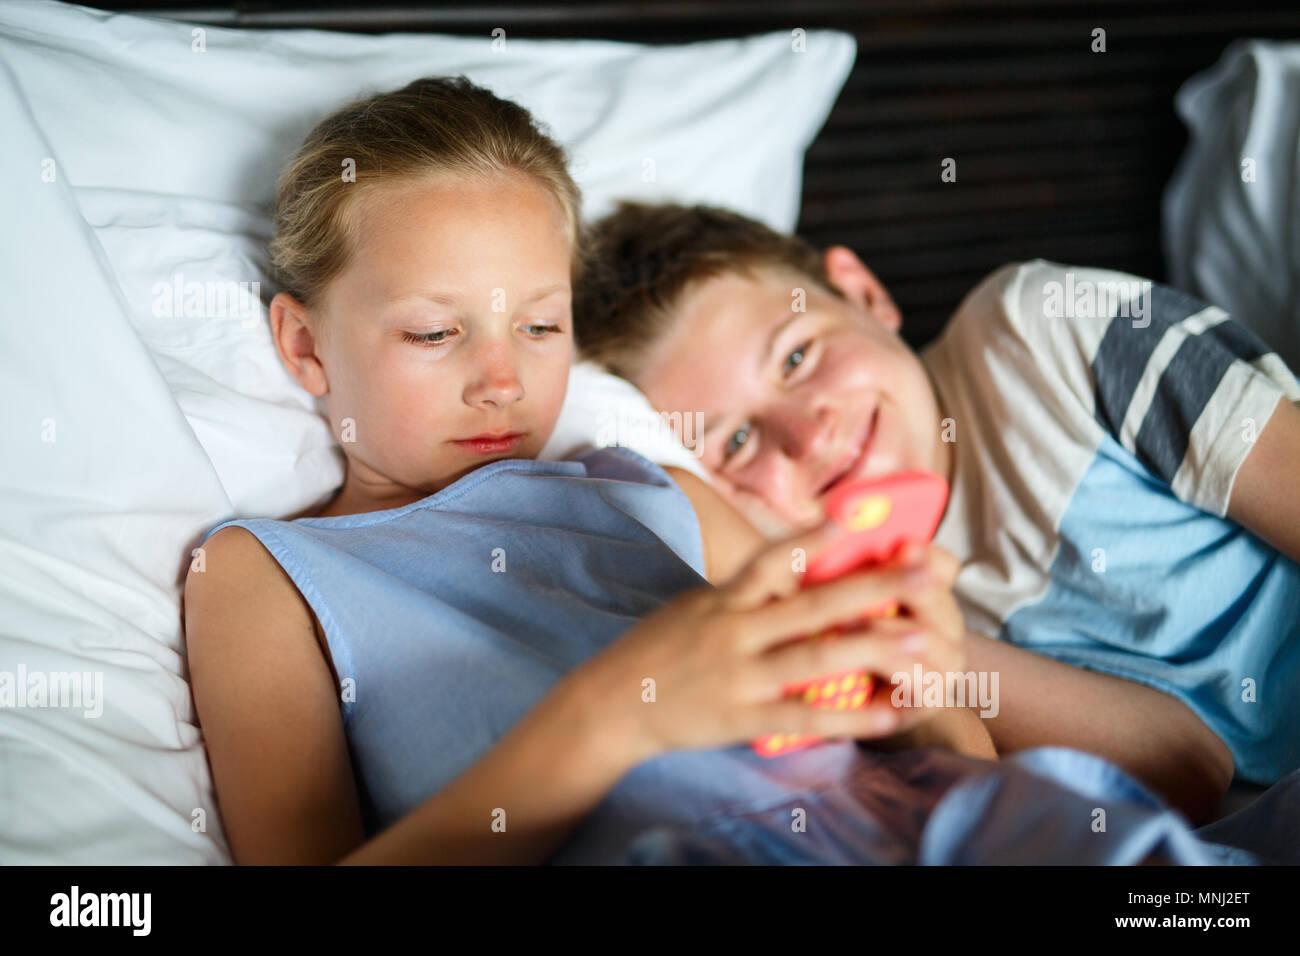 Hermano y hermana de niños jugando en un dispositivo de juegos portátil o smartphone Imagen De Stock